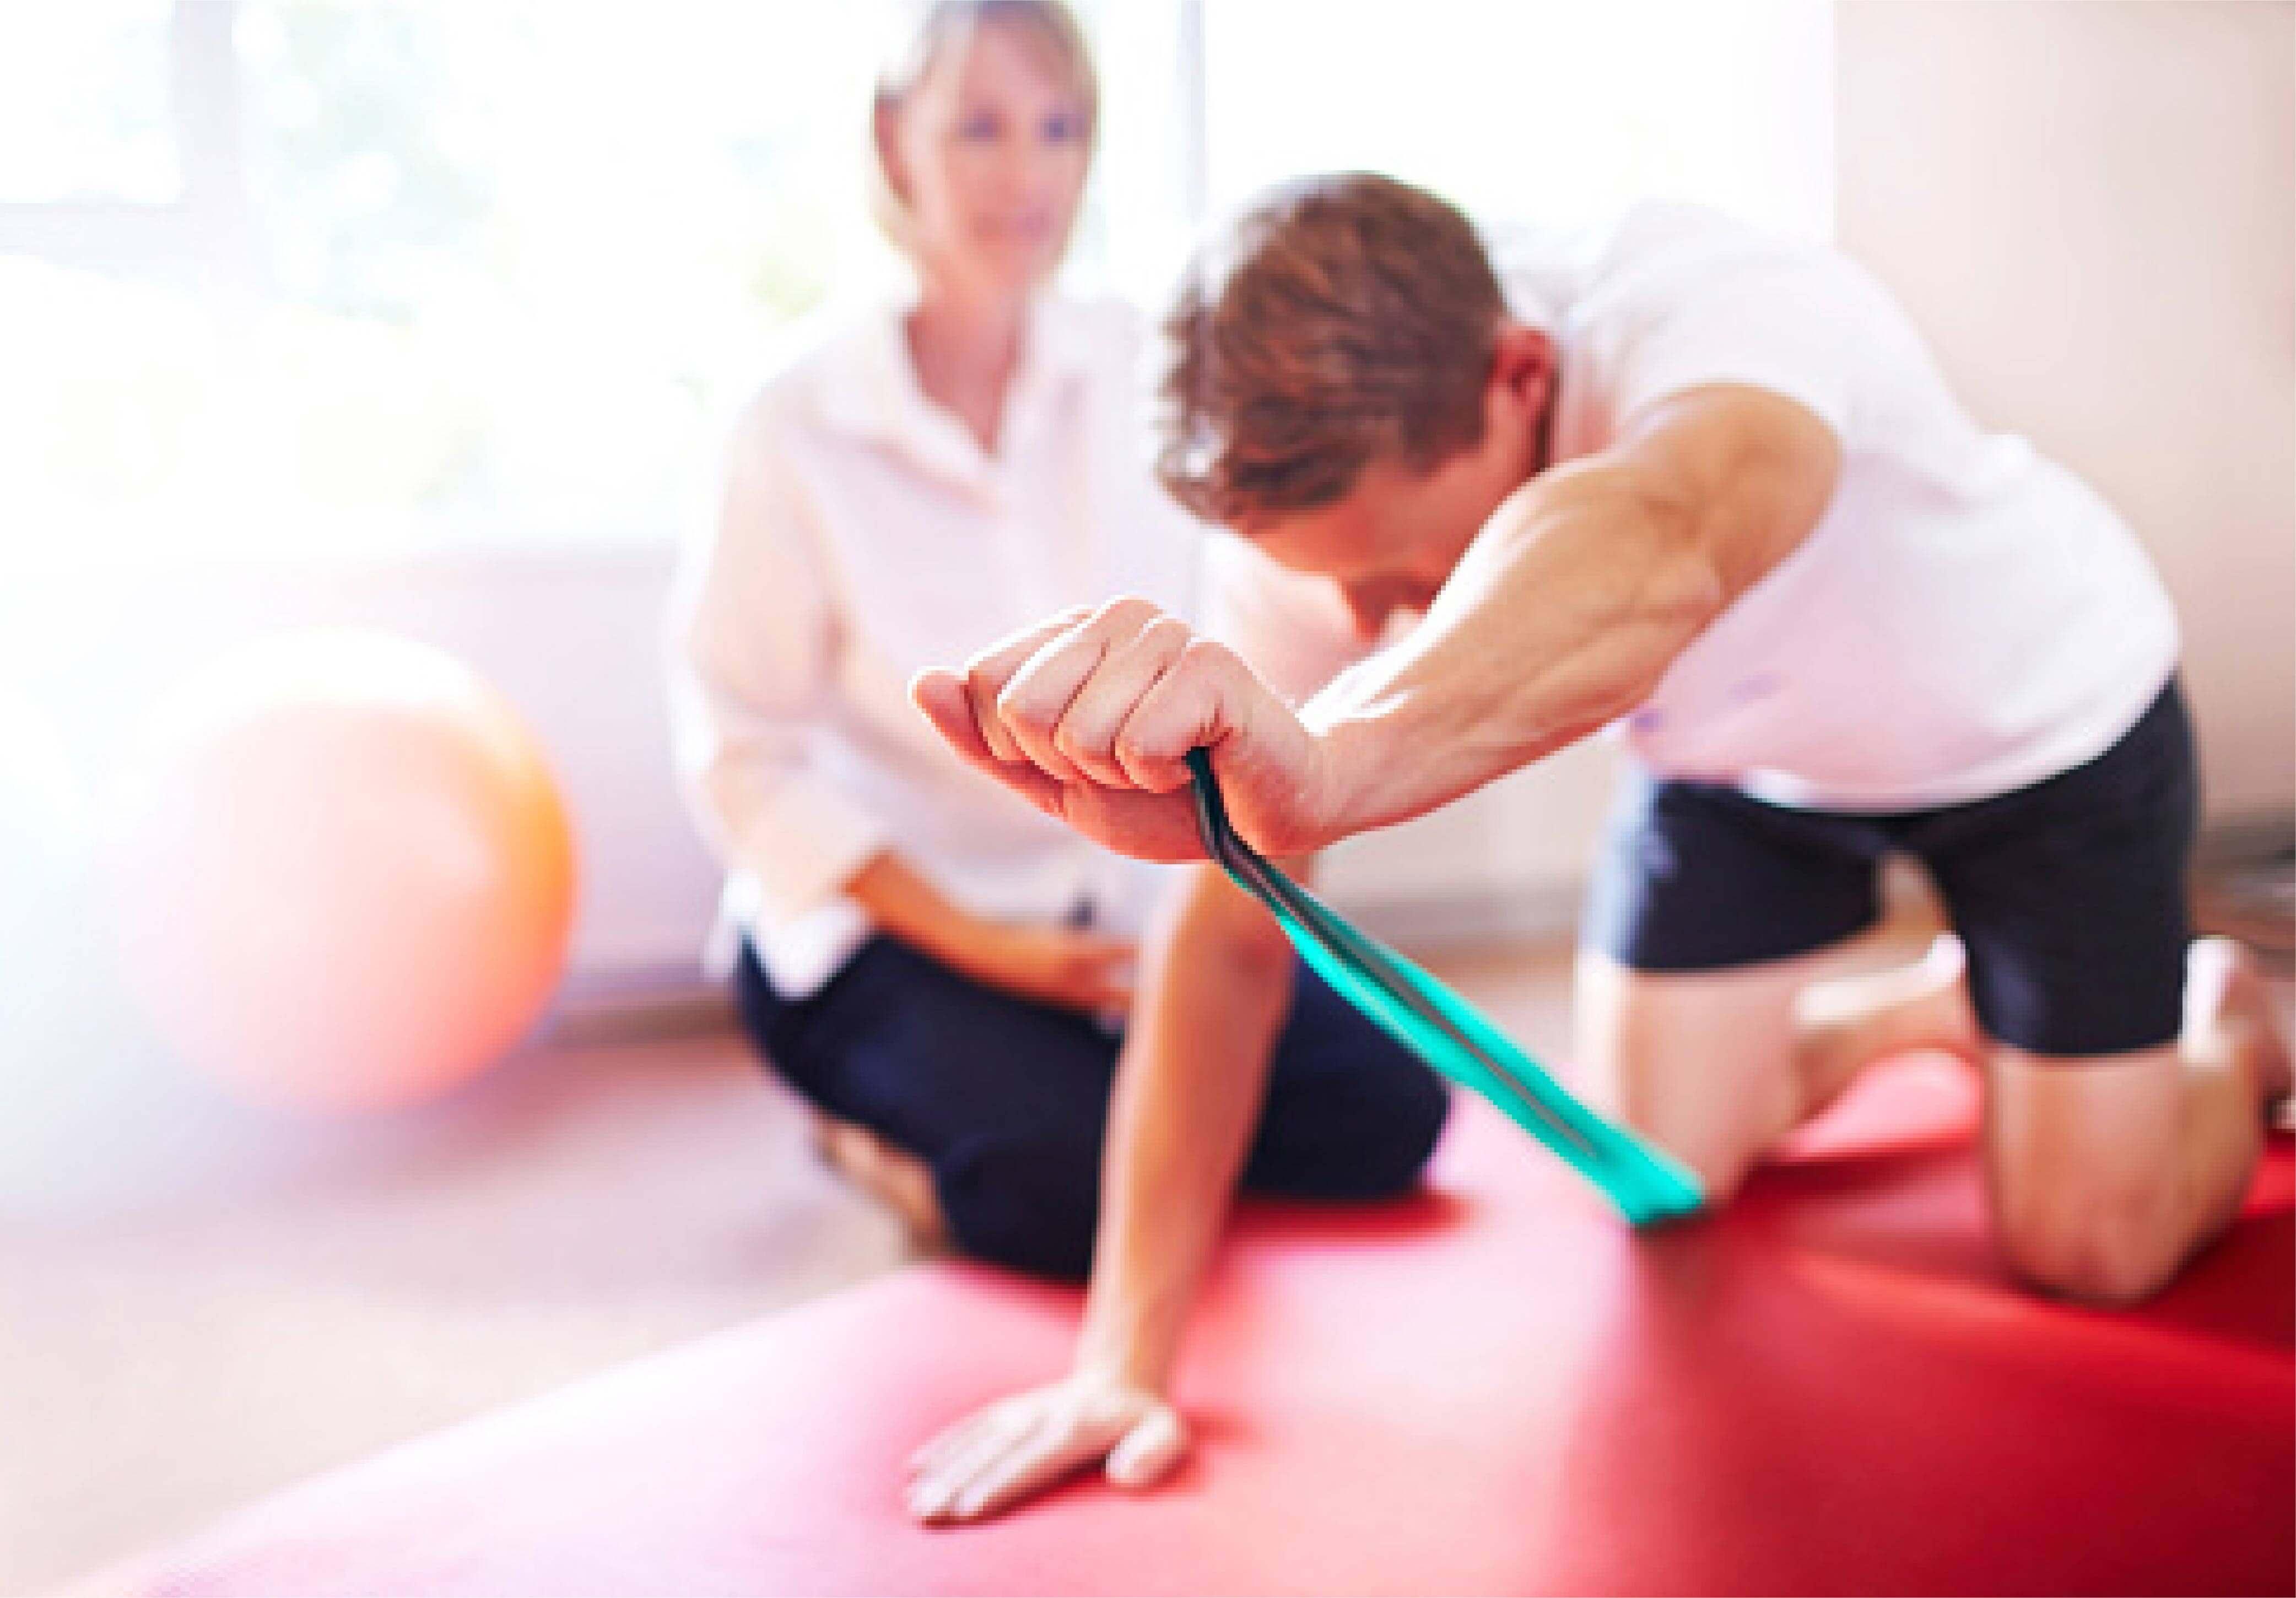 Σεμιναριο Αθλητικη Φυσικοθεραπεια